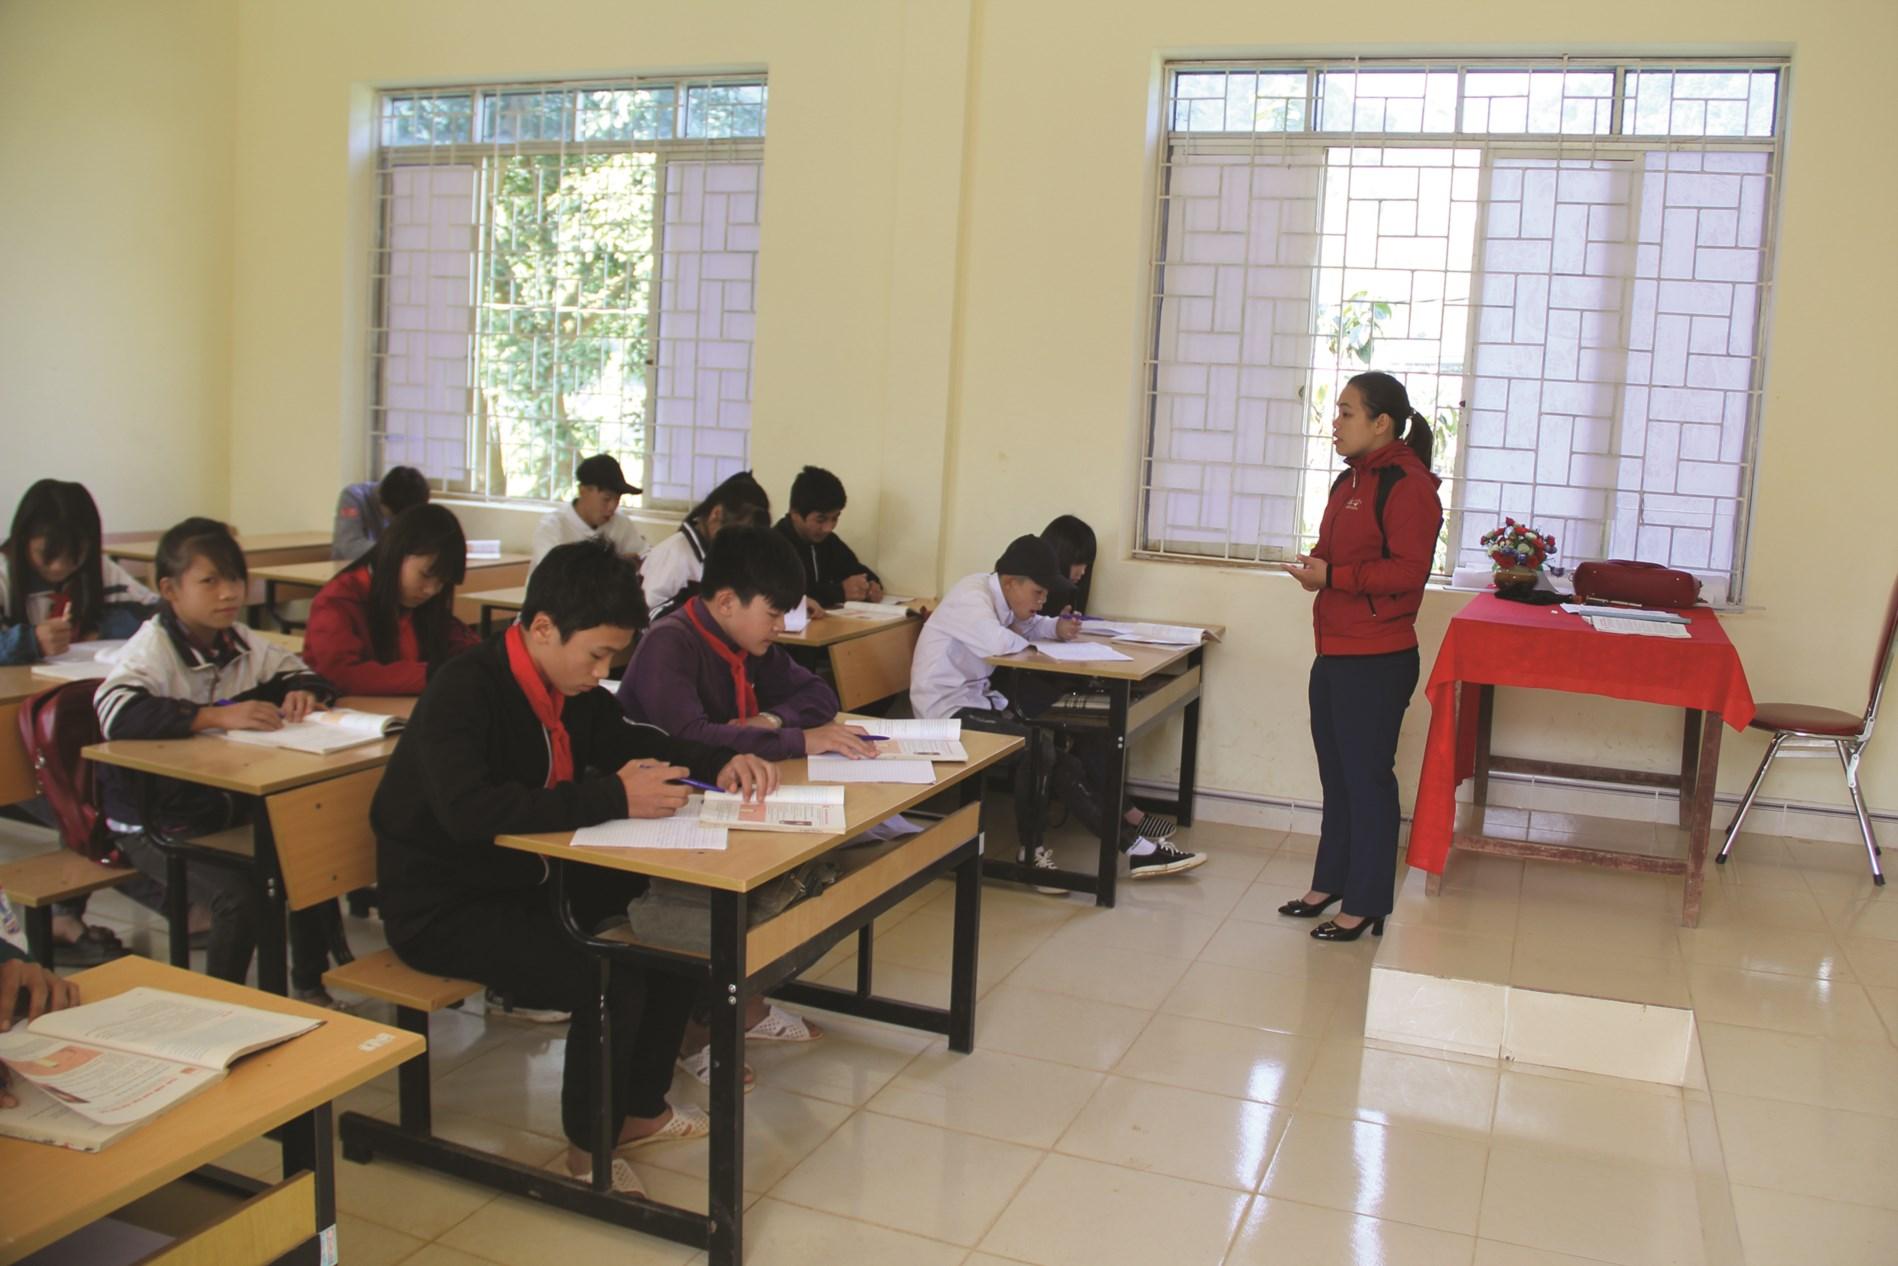 Cơ sở vật chất giáo dục cho vùng DTTS và miền núi ngày càng được quan tâm.